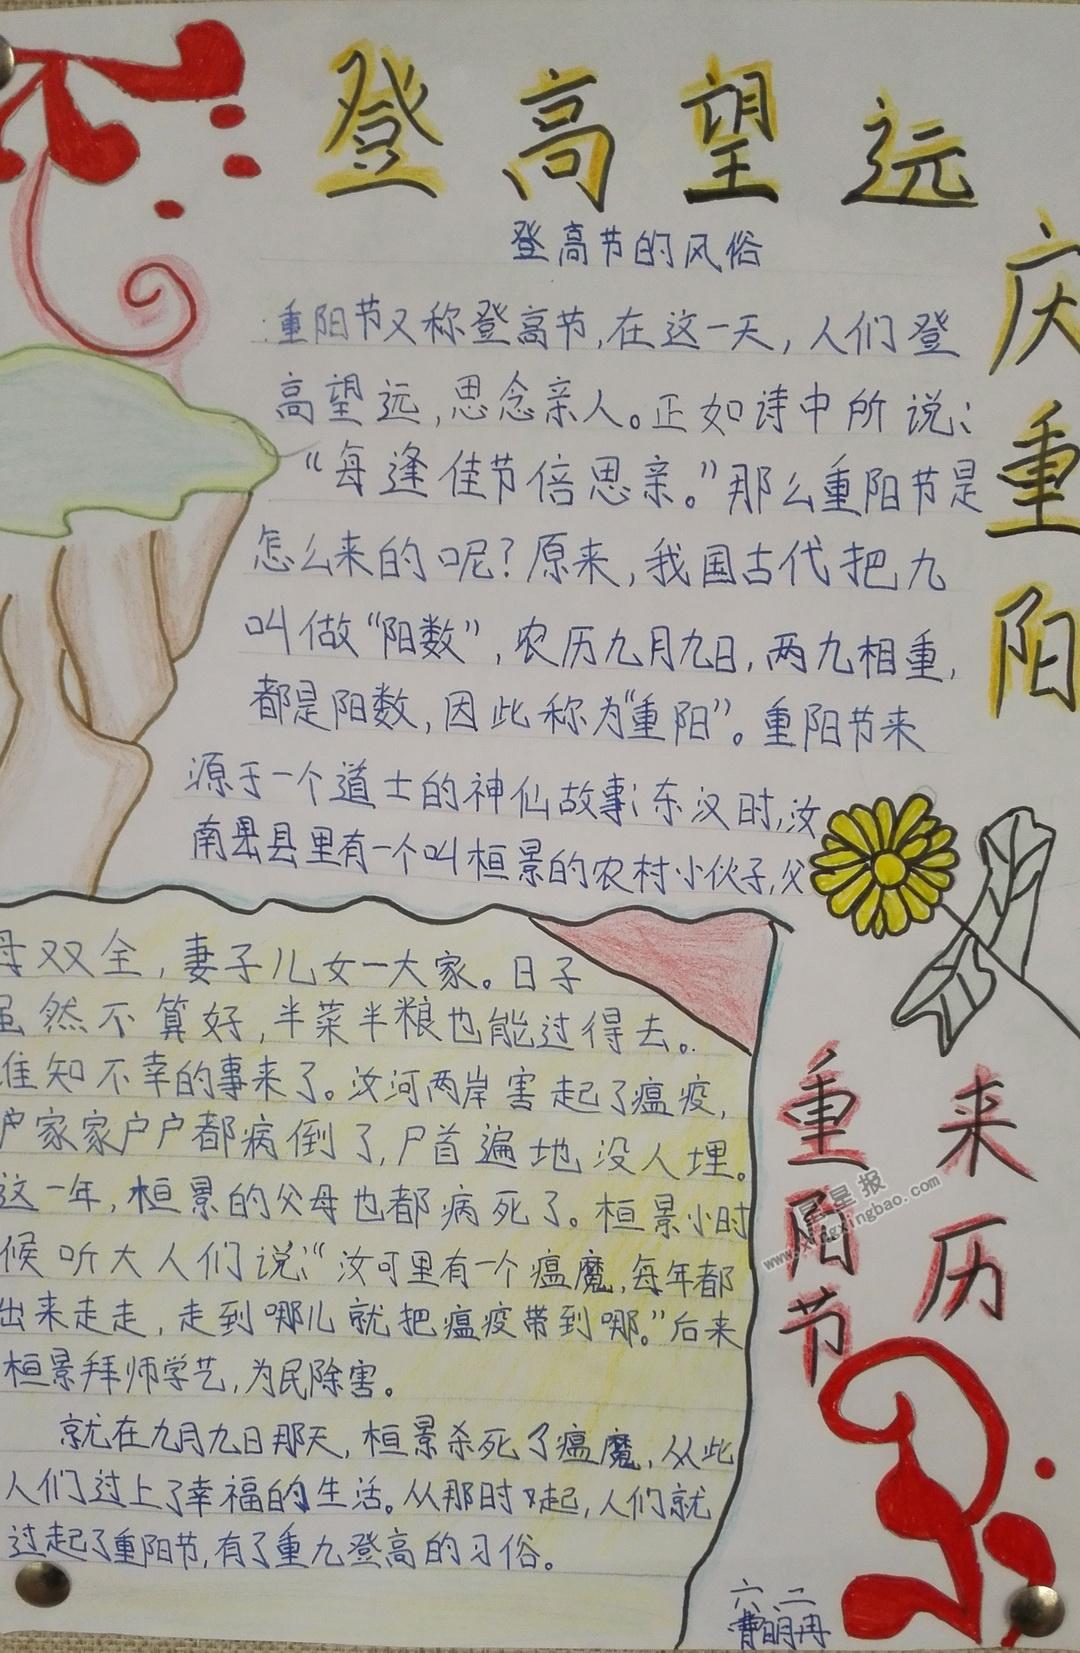 星星报 手抄报 重阳节手抄报 >> 正文内容   农历九月初九,两阳相重